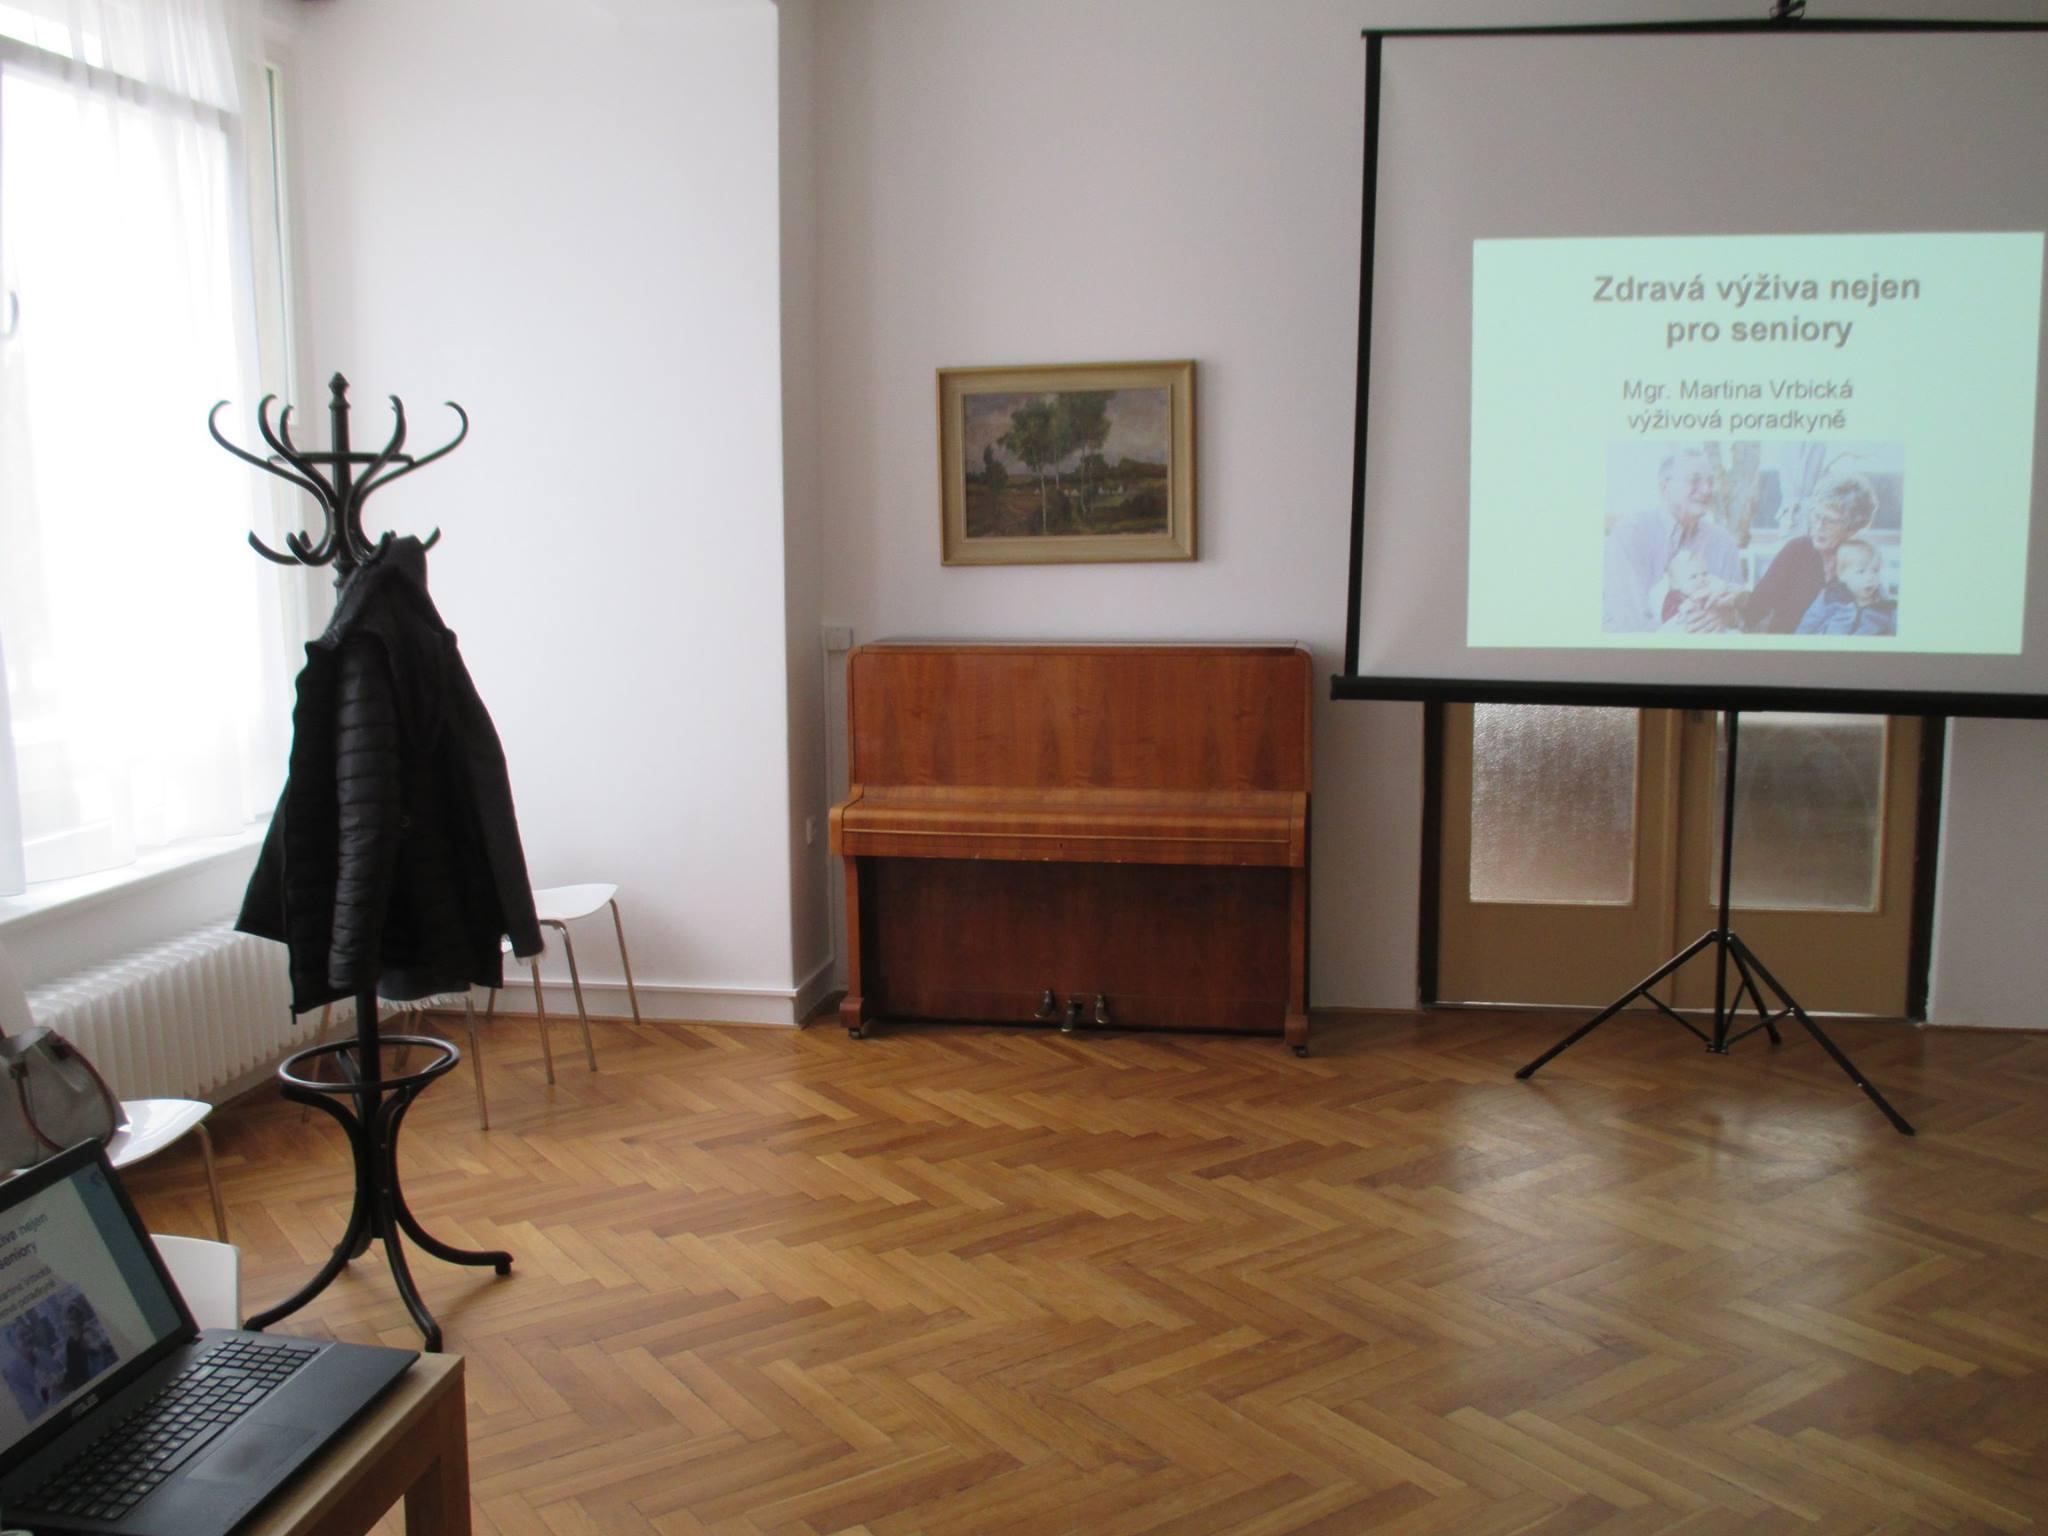 Přednáška o stravování seniorů v Kulturním domě v Holicích